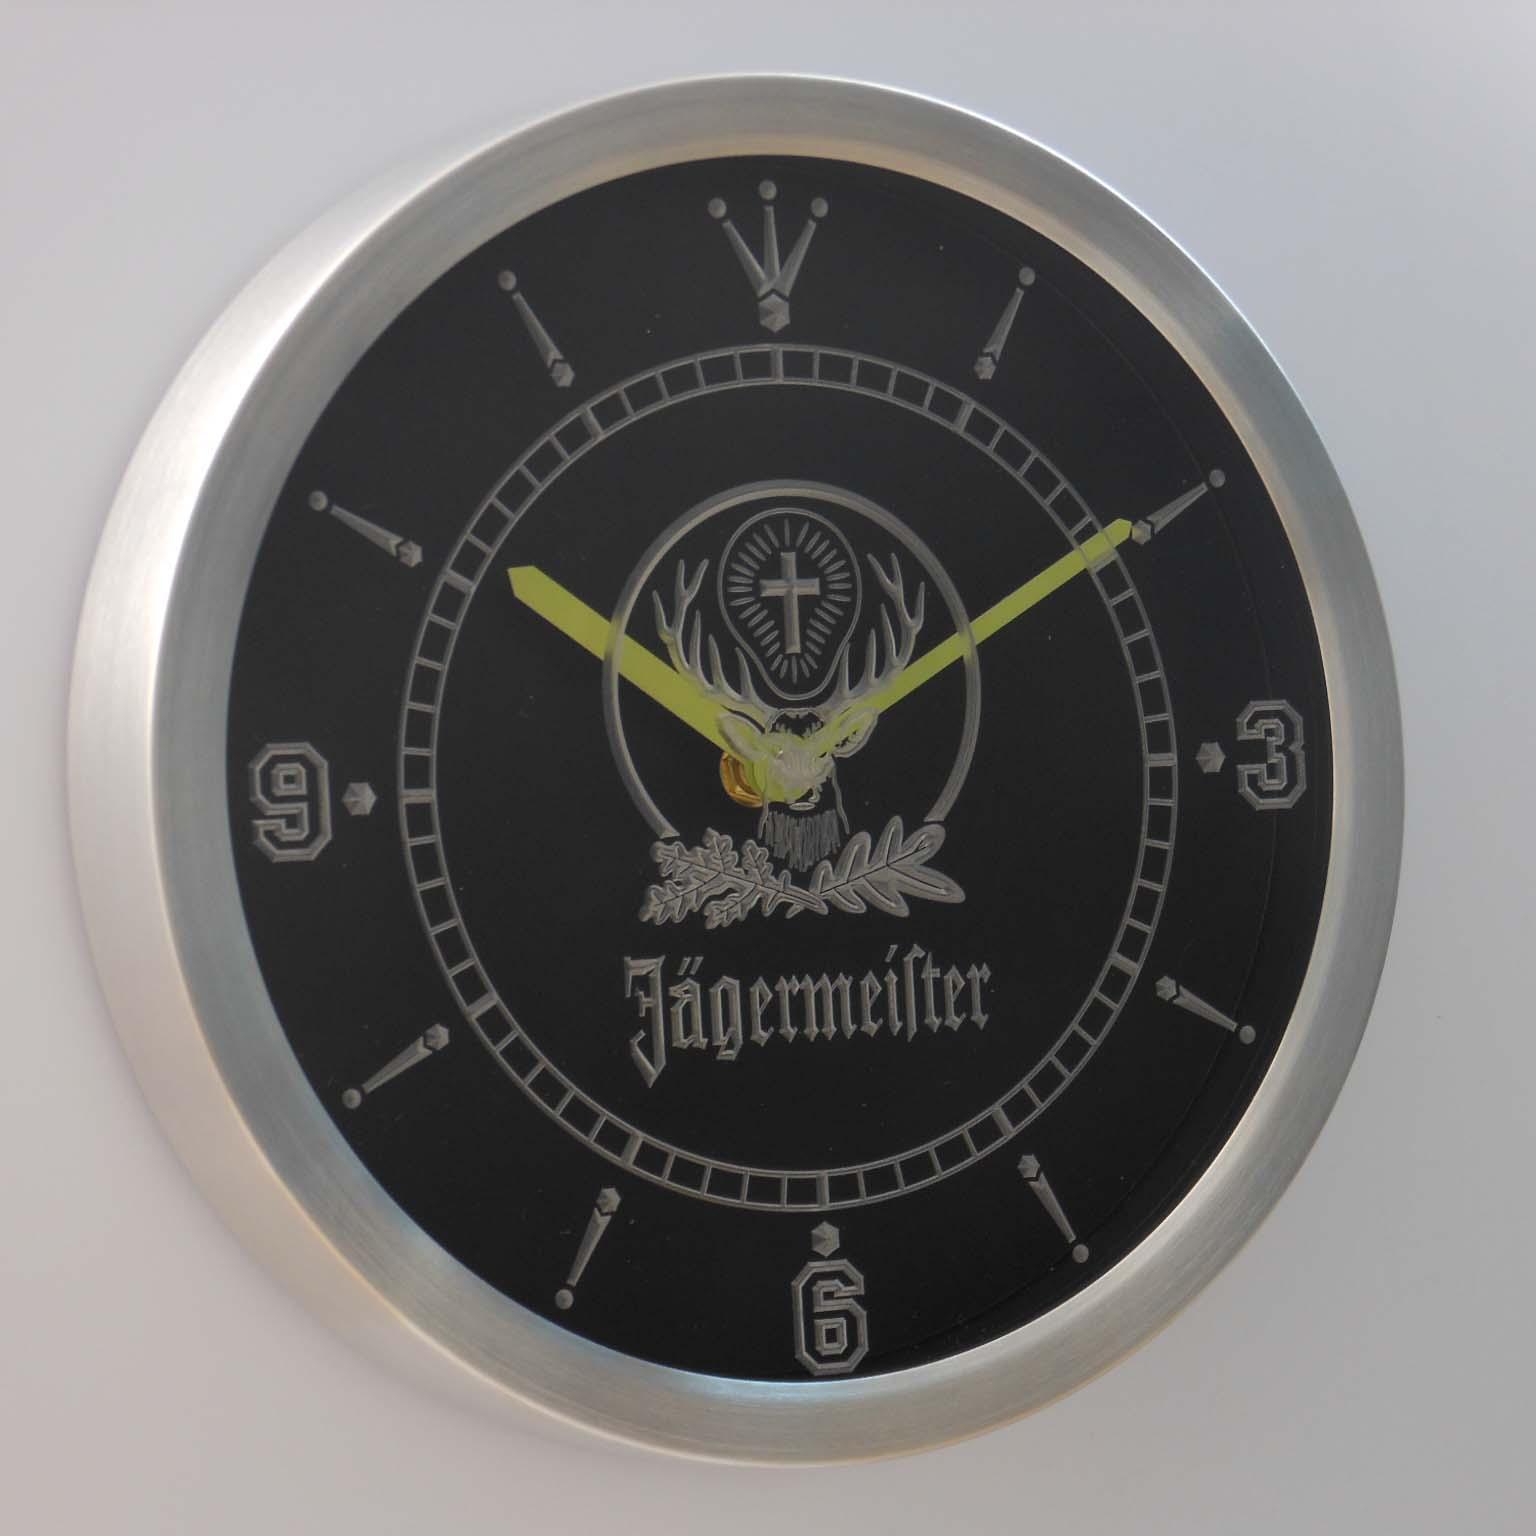 Jägermeister Neon verlichting LED Wandklok 1